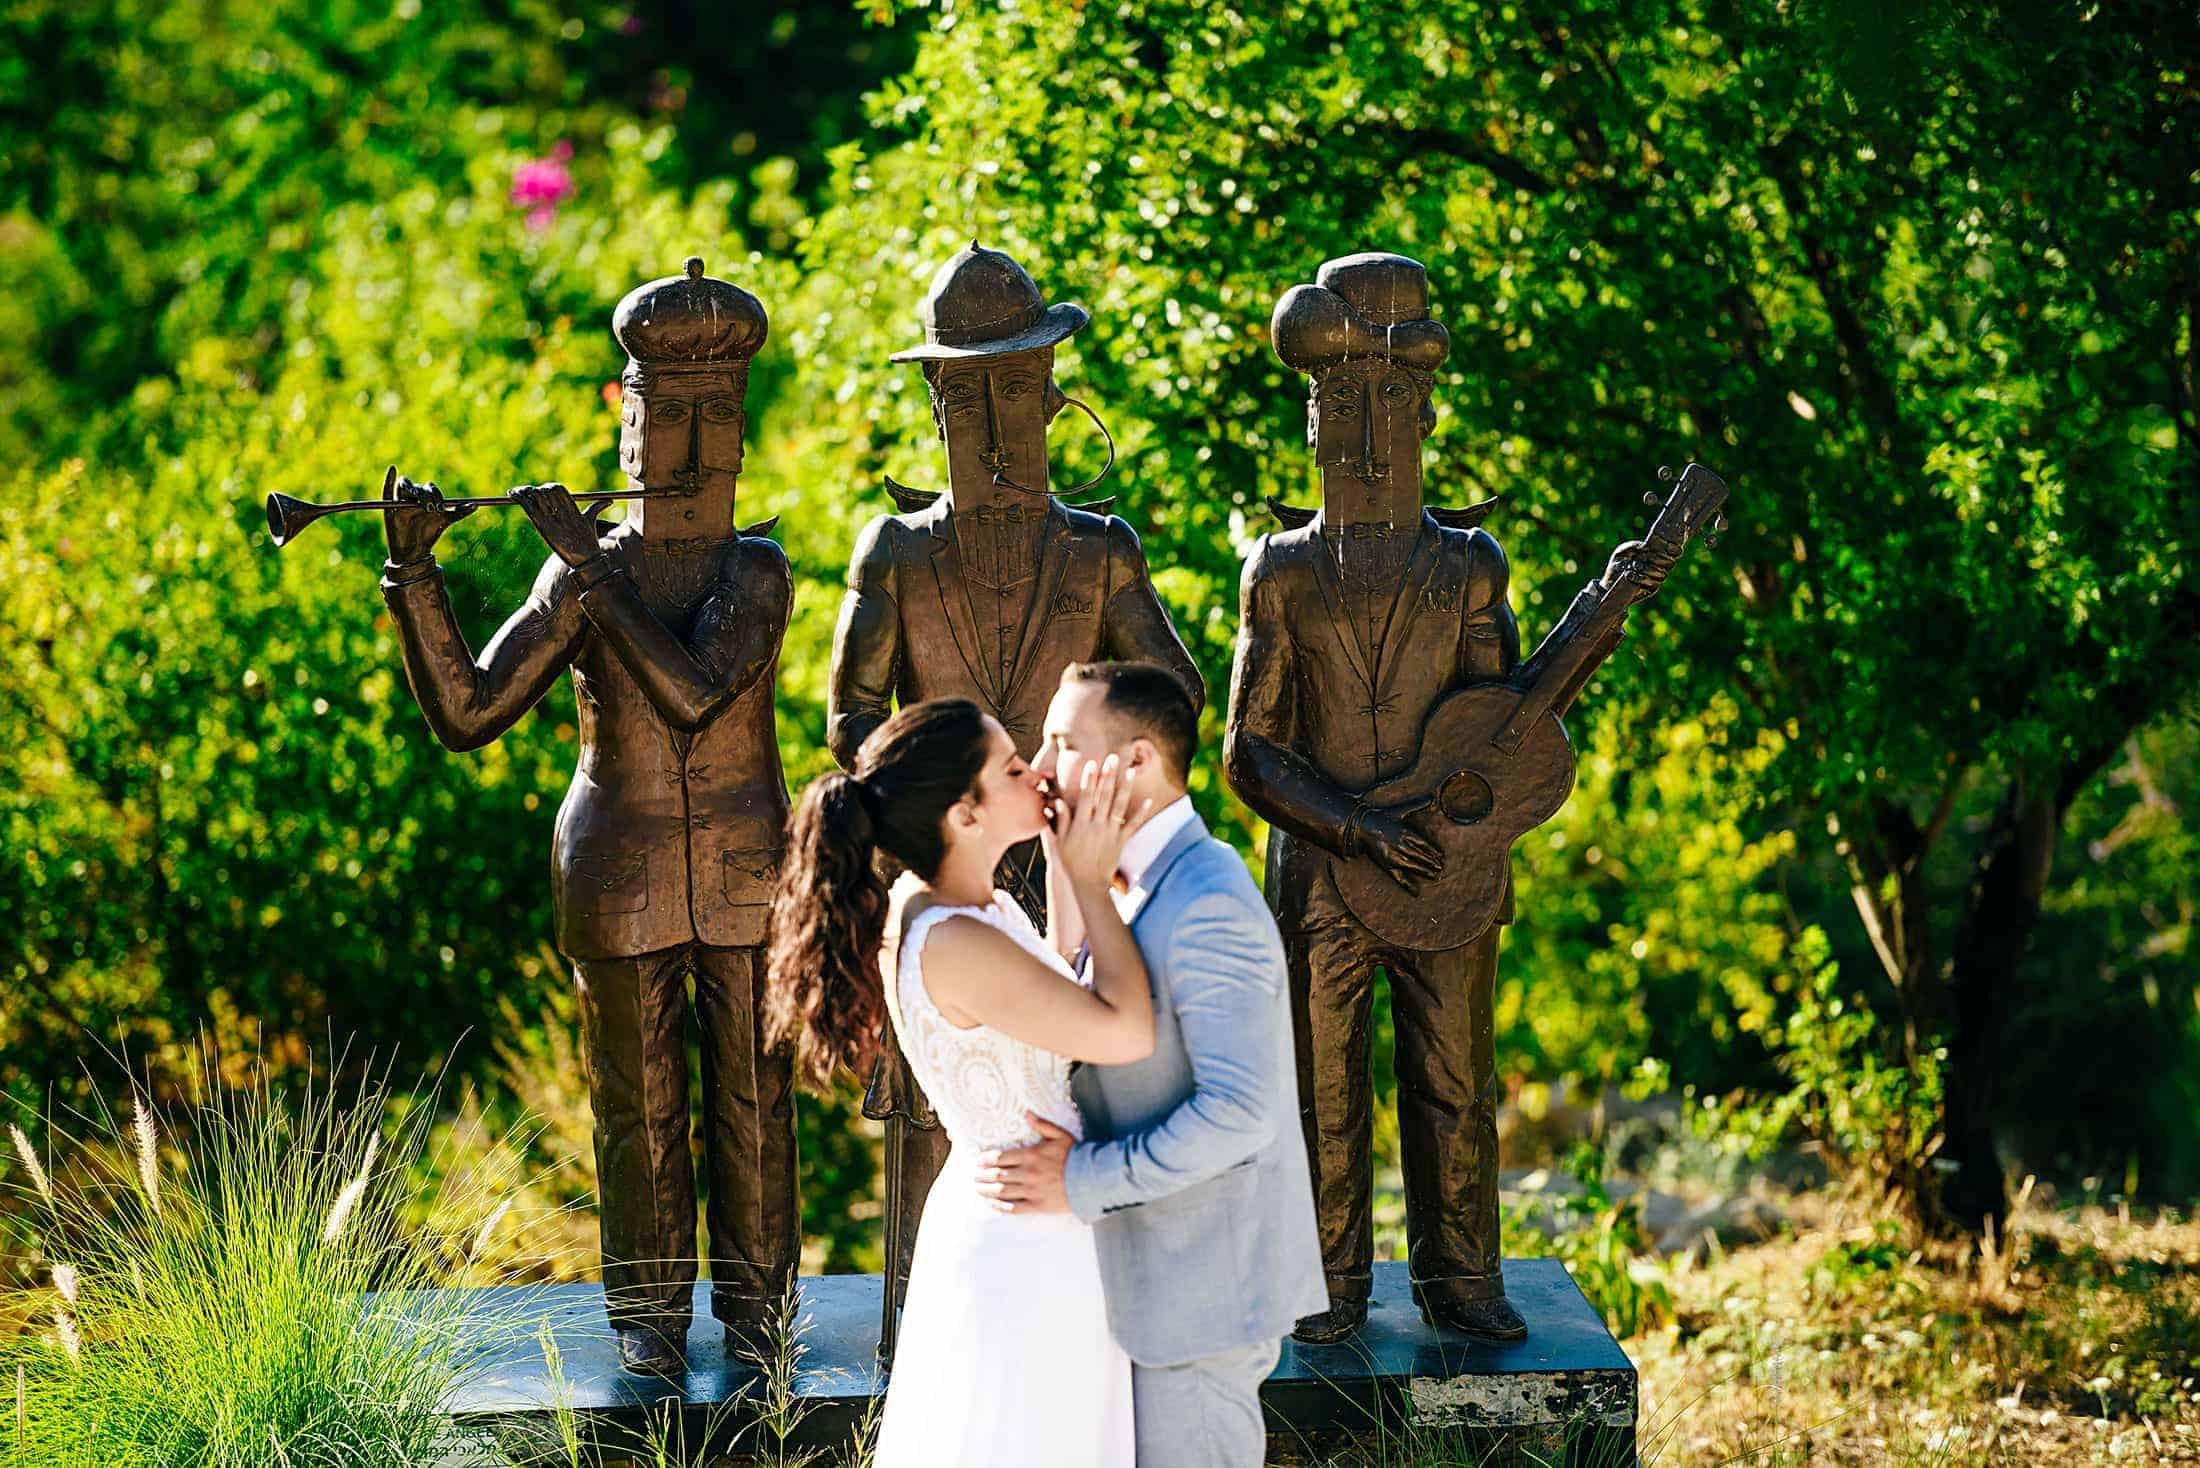 צלם לחתונה במחיר שפוי